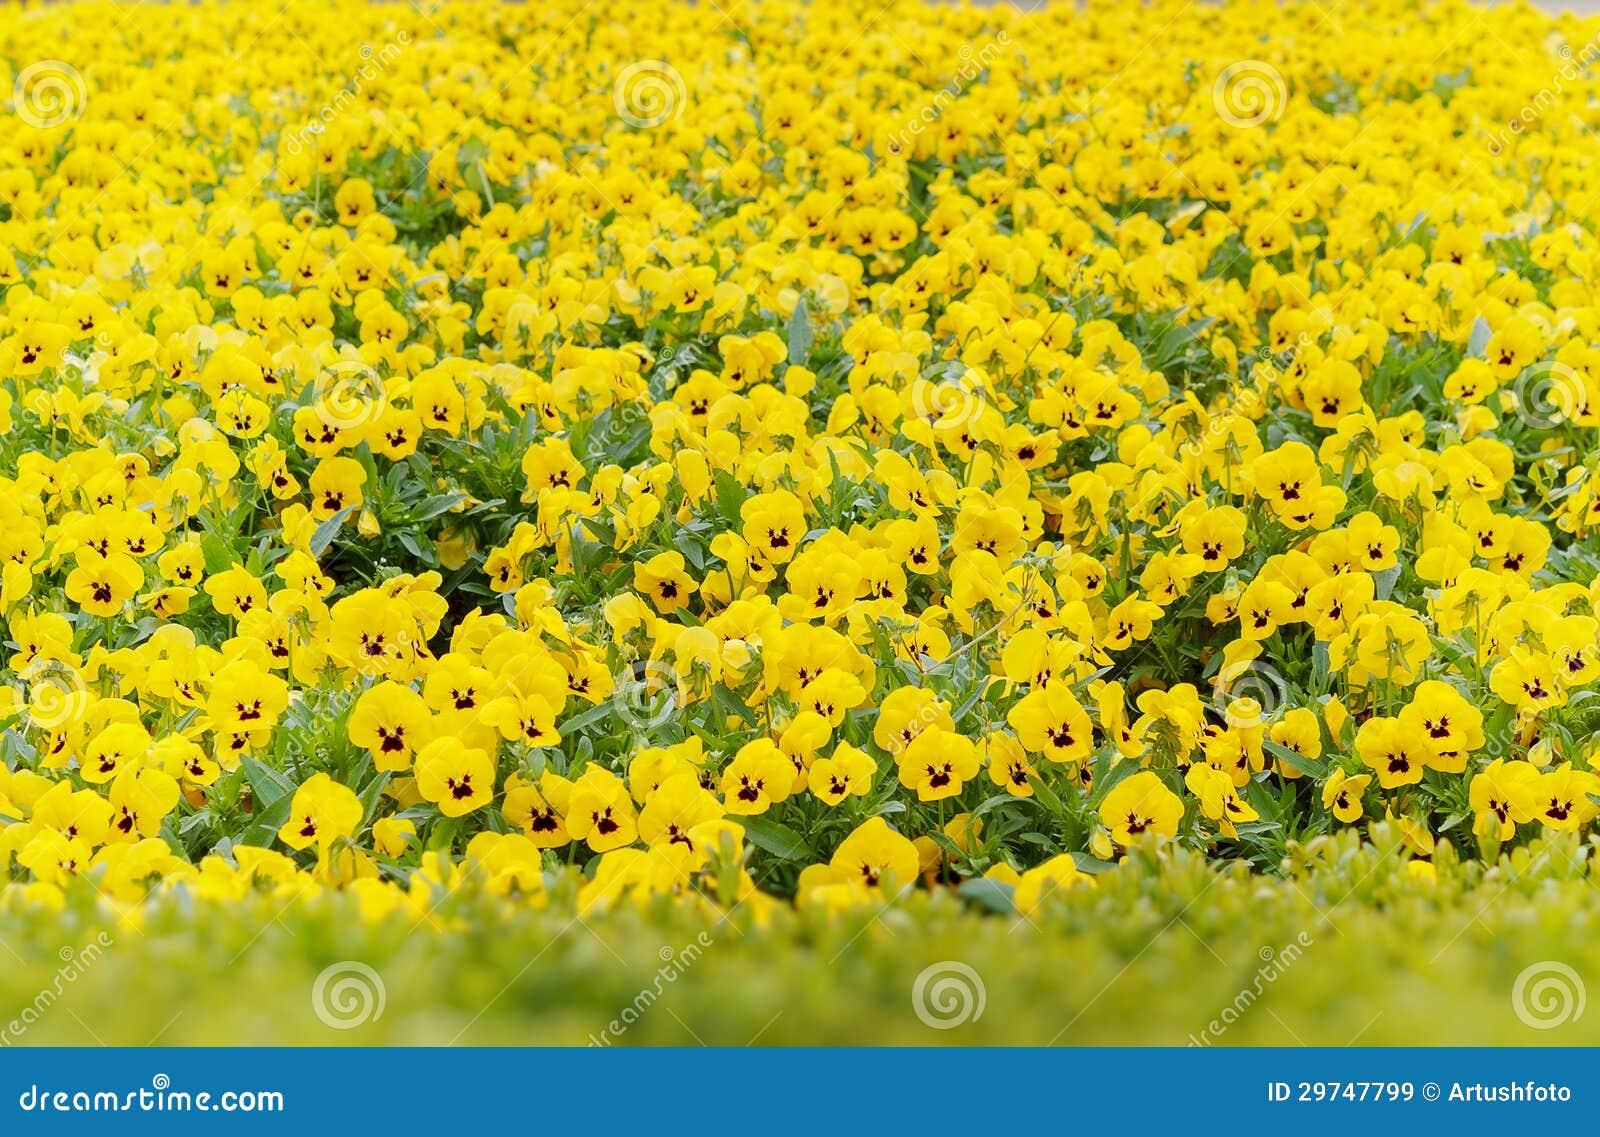 jardim rosas amarelas : jardim rosas amarelas:amor perfeito amarelo floresce na mola no jardim.